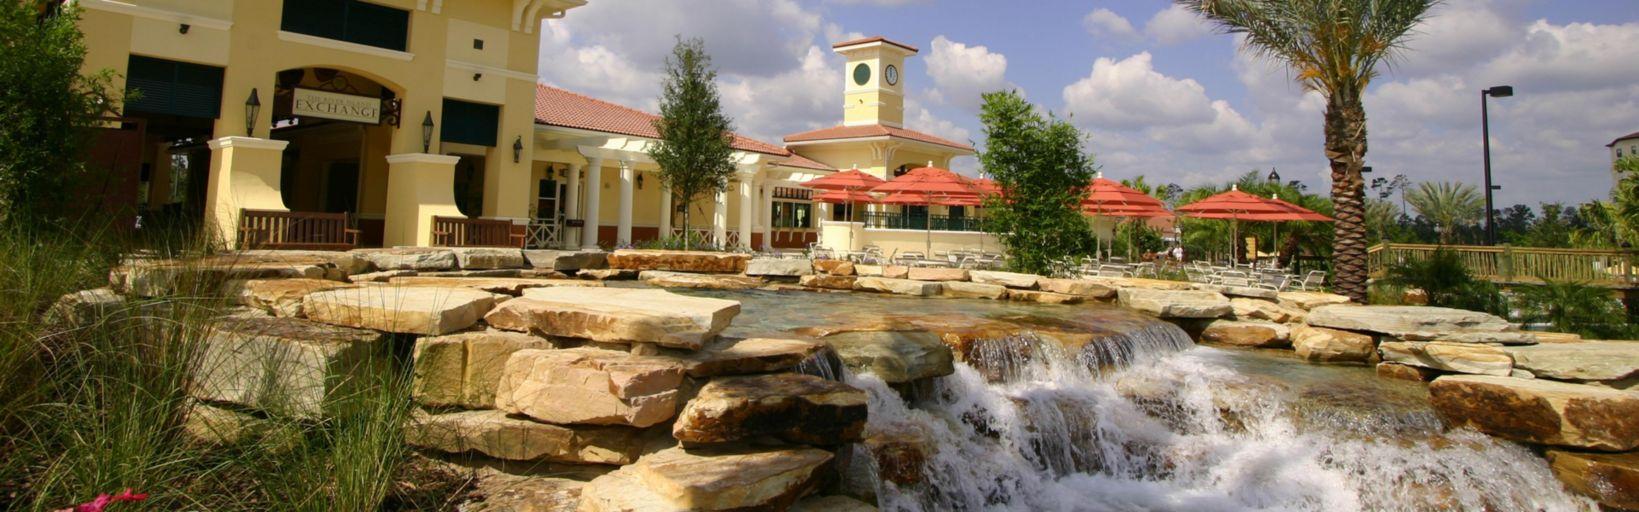 Map Of Orange Lake Resort Florida.Holiday Inn Club Vacations Orange Lake Resort Hotel